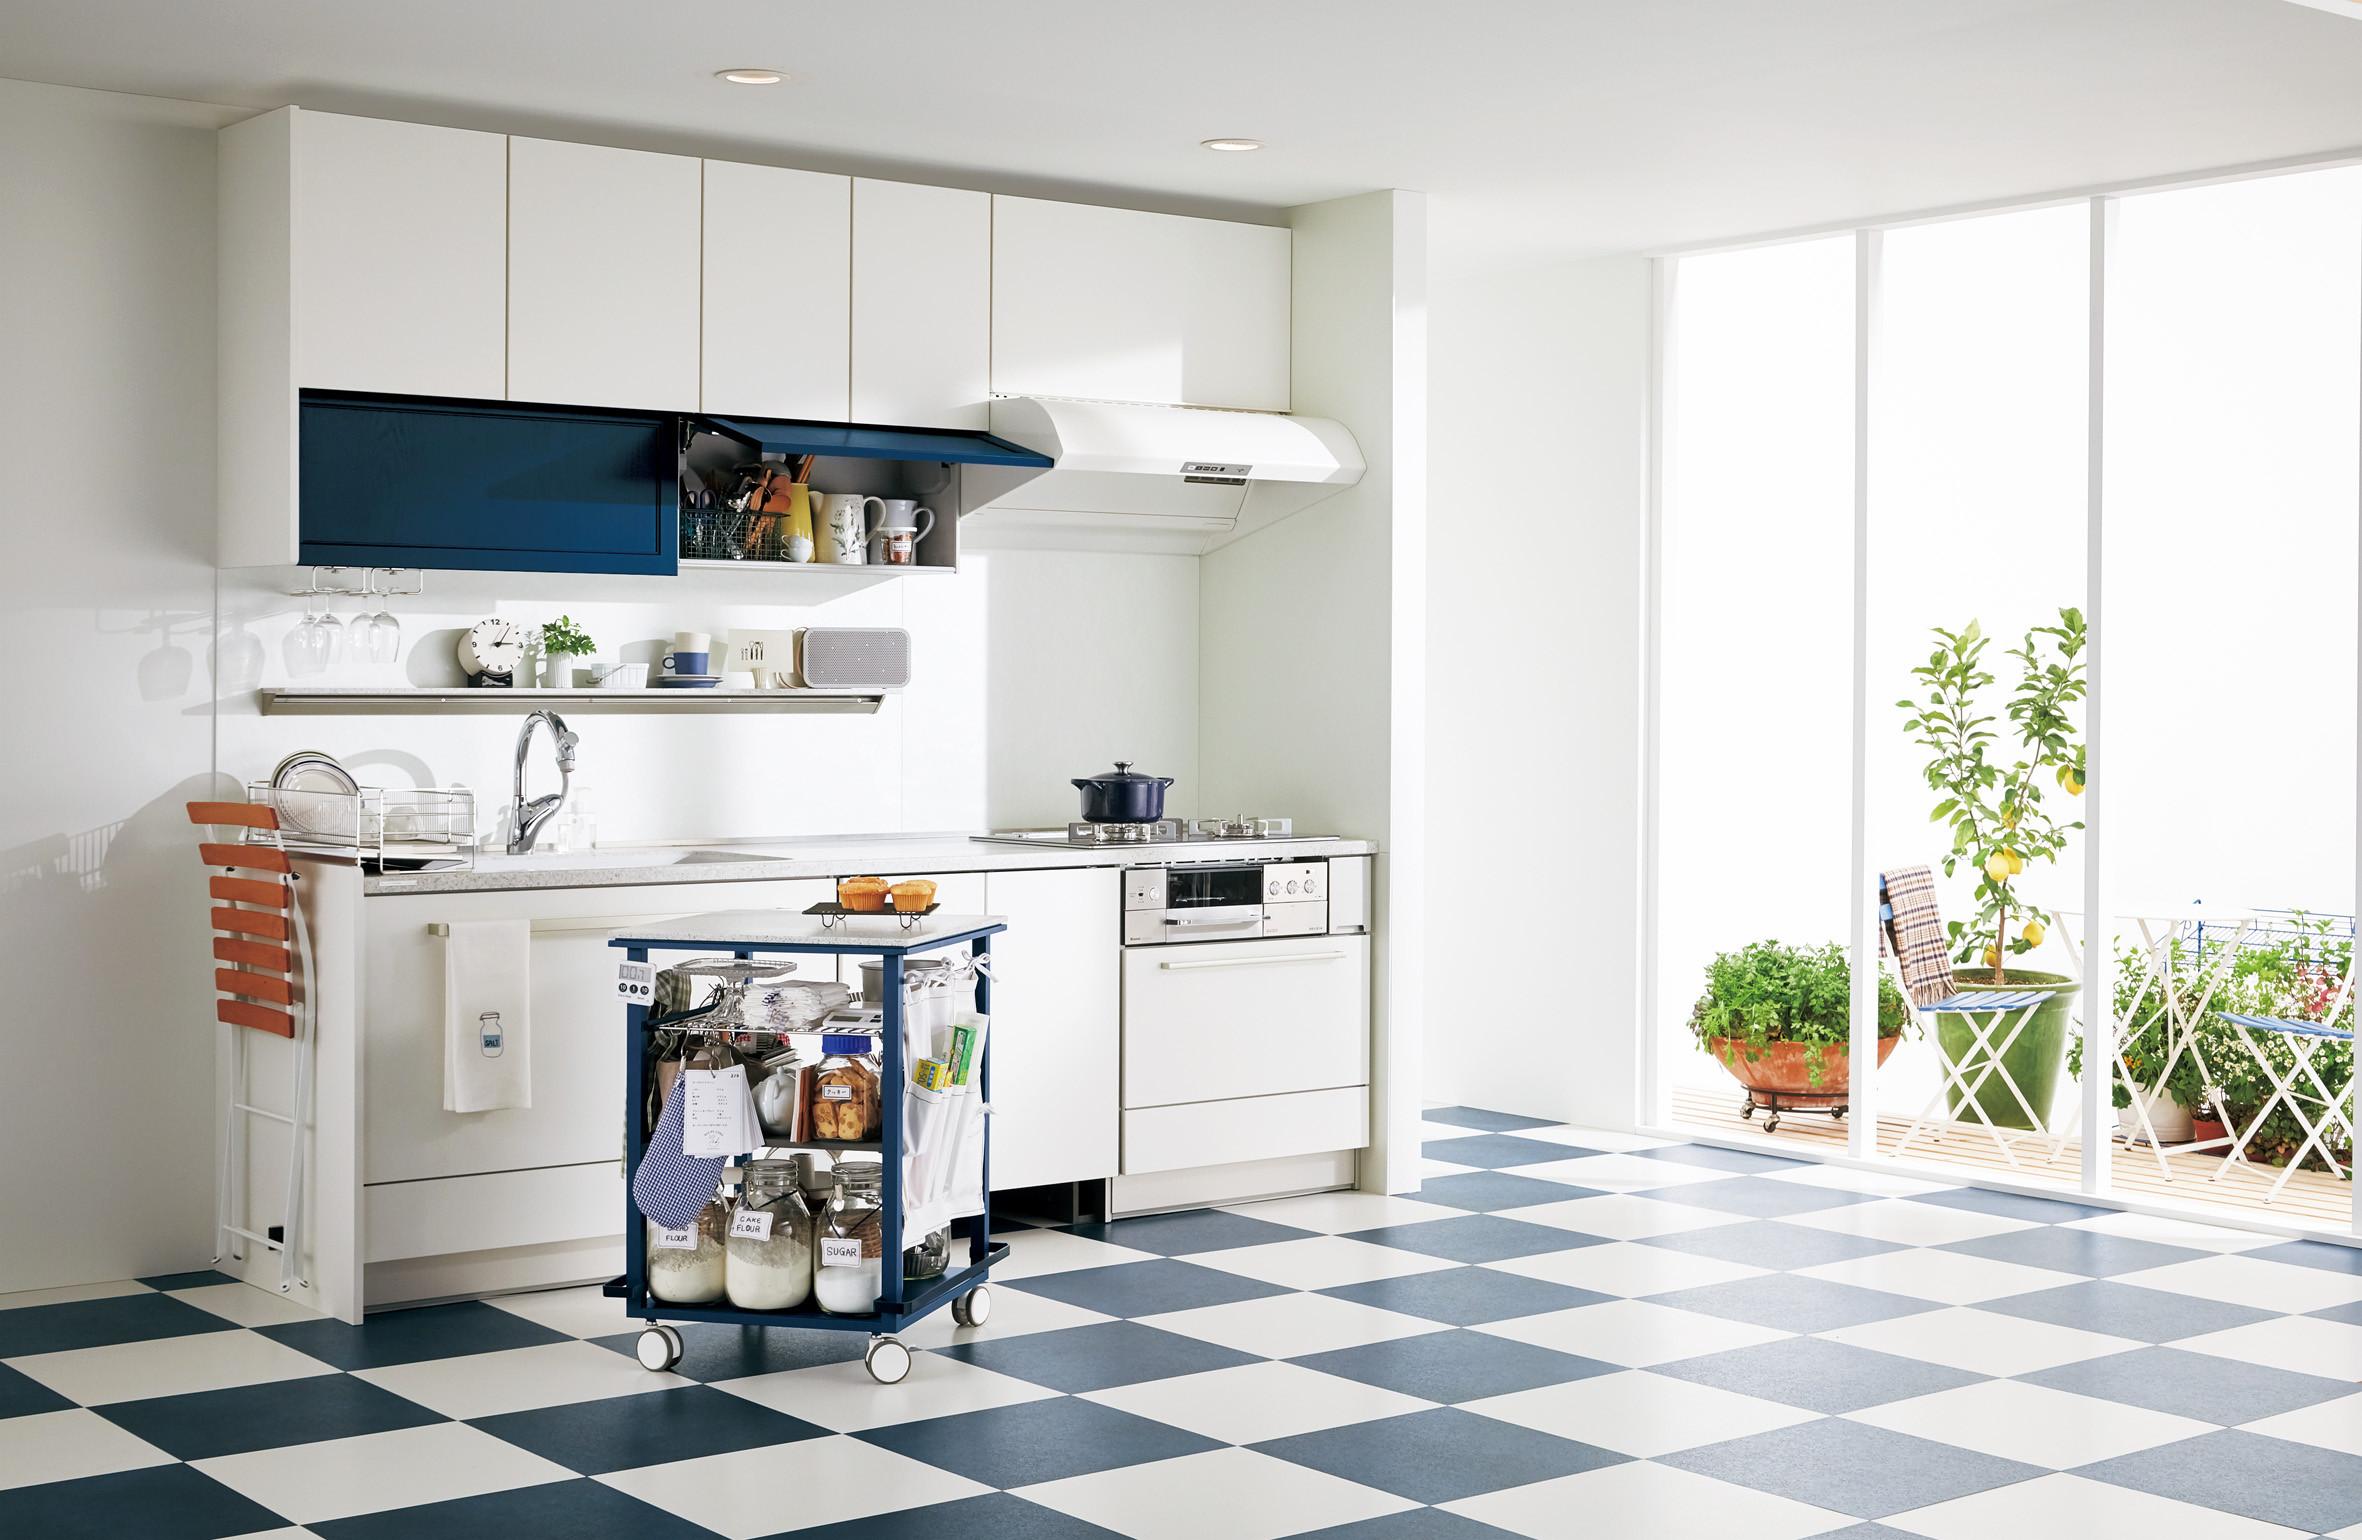 キッチンから始まる家づくり!「マルモコs'キッチン」